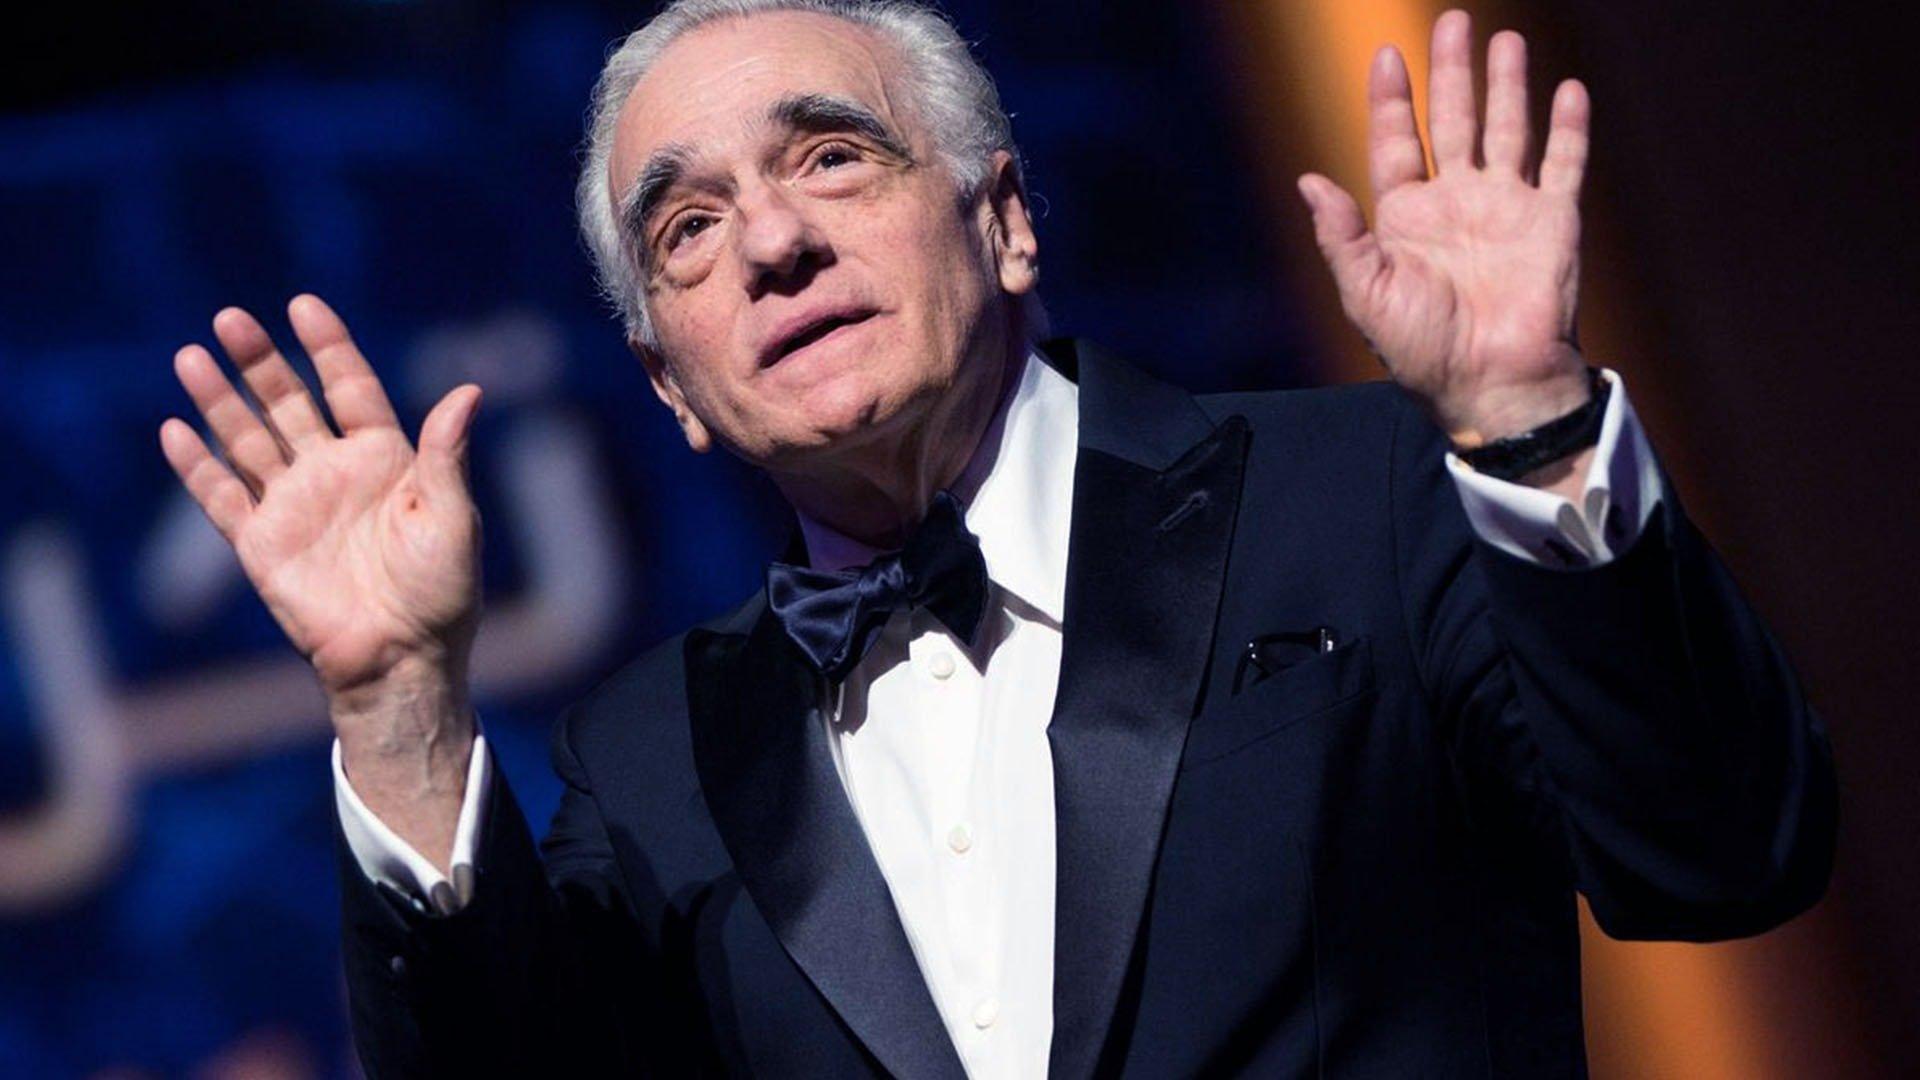 Martin Scorsese ha attaccato i film Marvel definendoli luna park